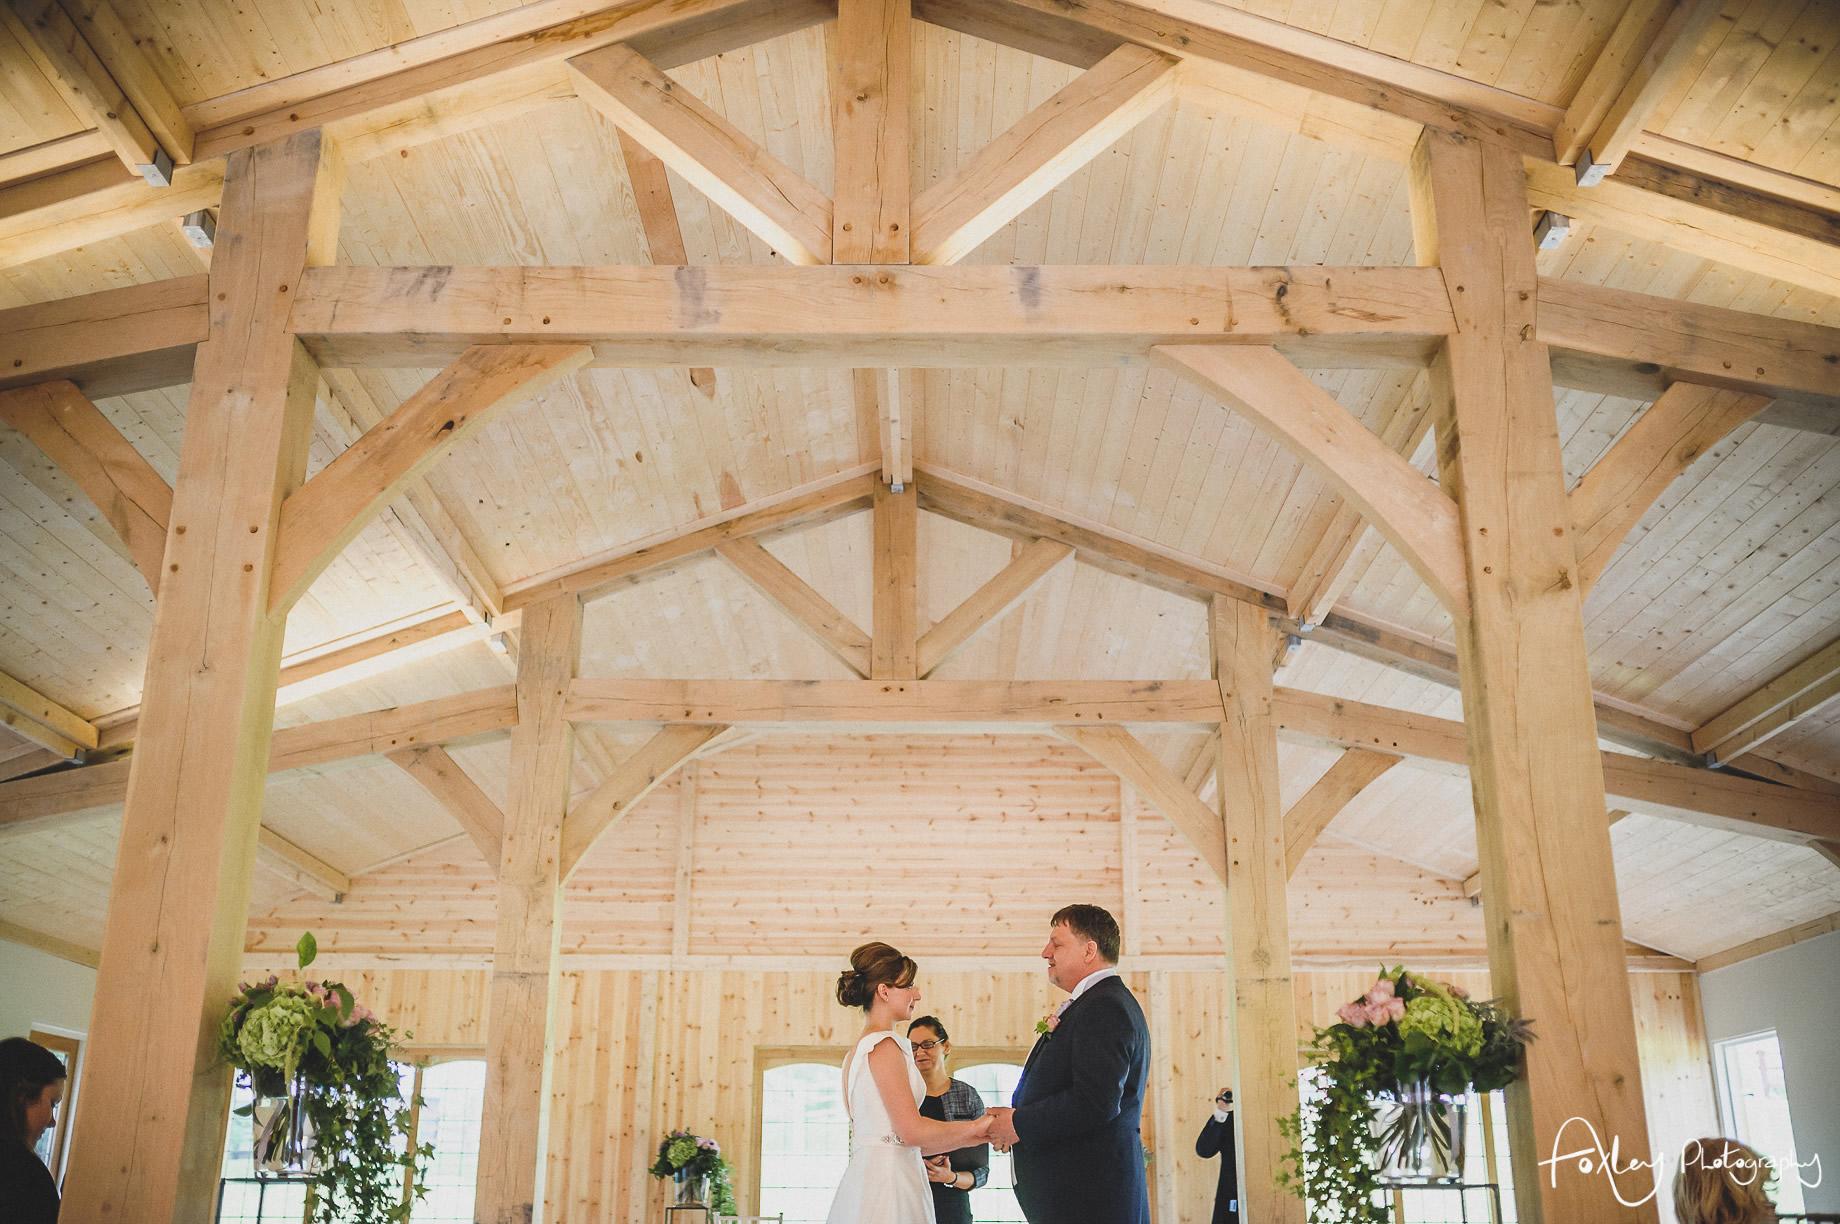 Simona-and-Robert-Wedding-at-Colshaw-Hall-103